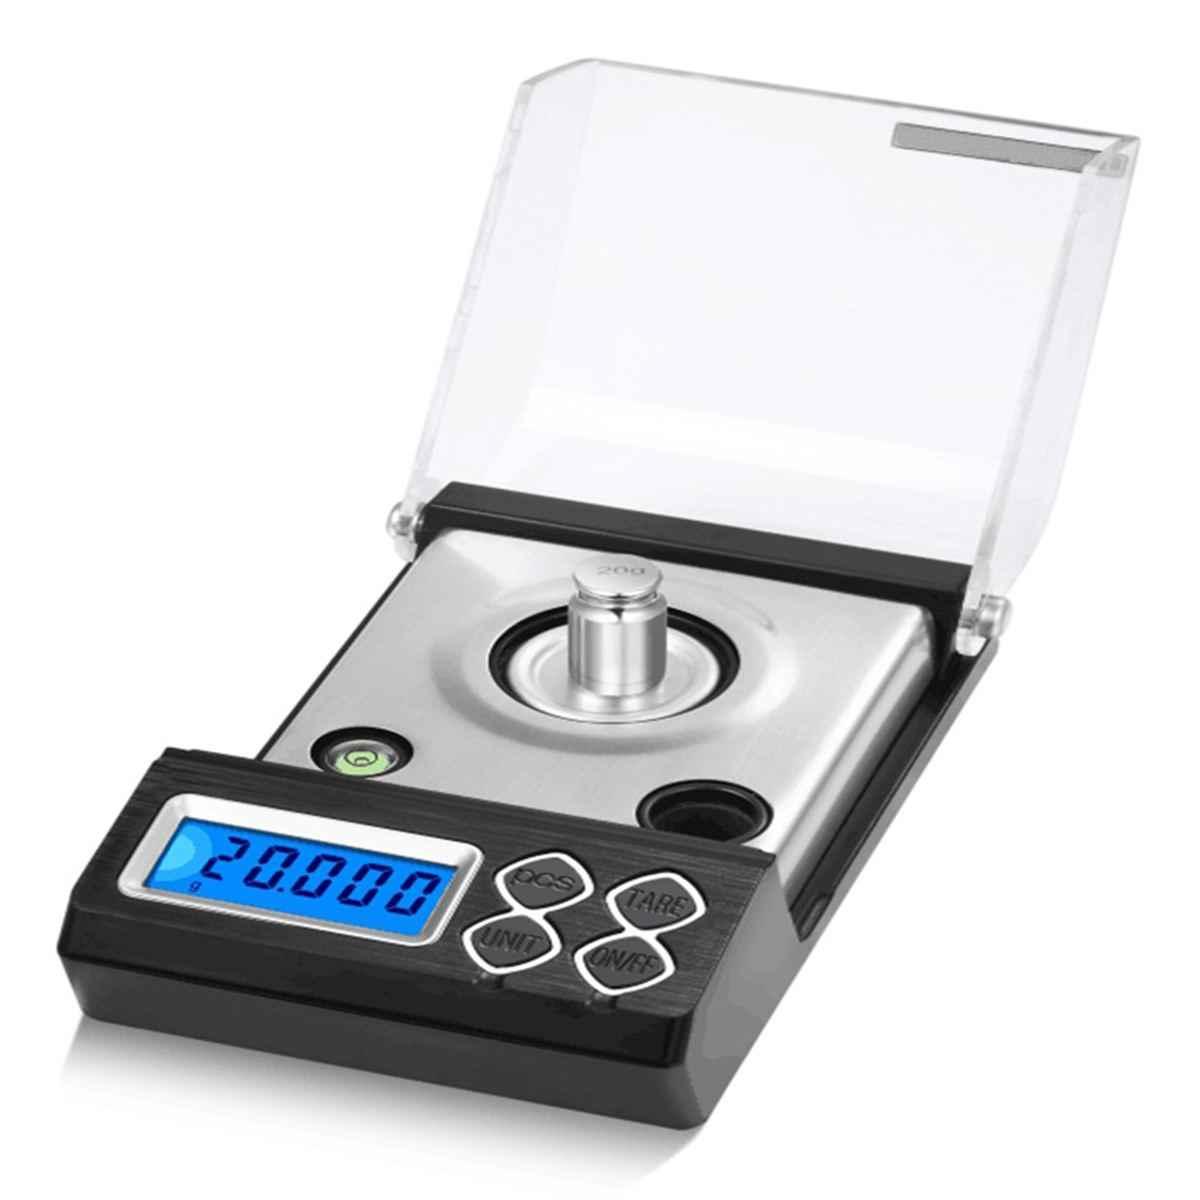 50G/20G 0.001G Cao Cấp Quy Mô Kỹ Thuật Số Di Động Màn Hình LCD Điện Tử Trang Sức Trọng Lượng Cân Thuốc Thảo Dược Cân Bằng cân Điện Tử Bỏ Túi